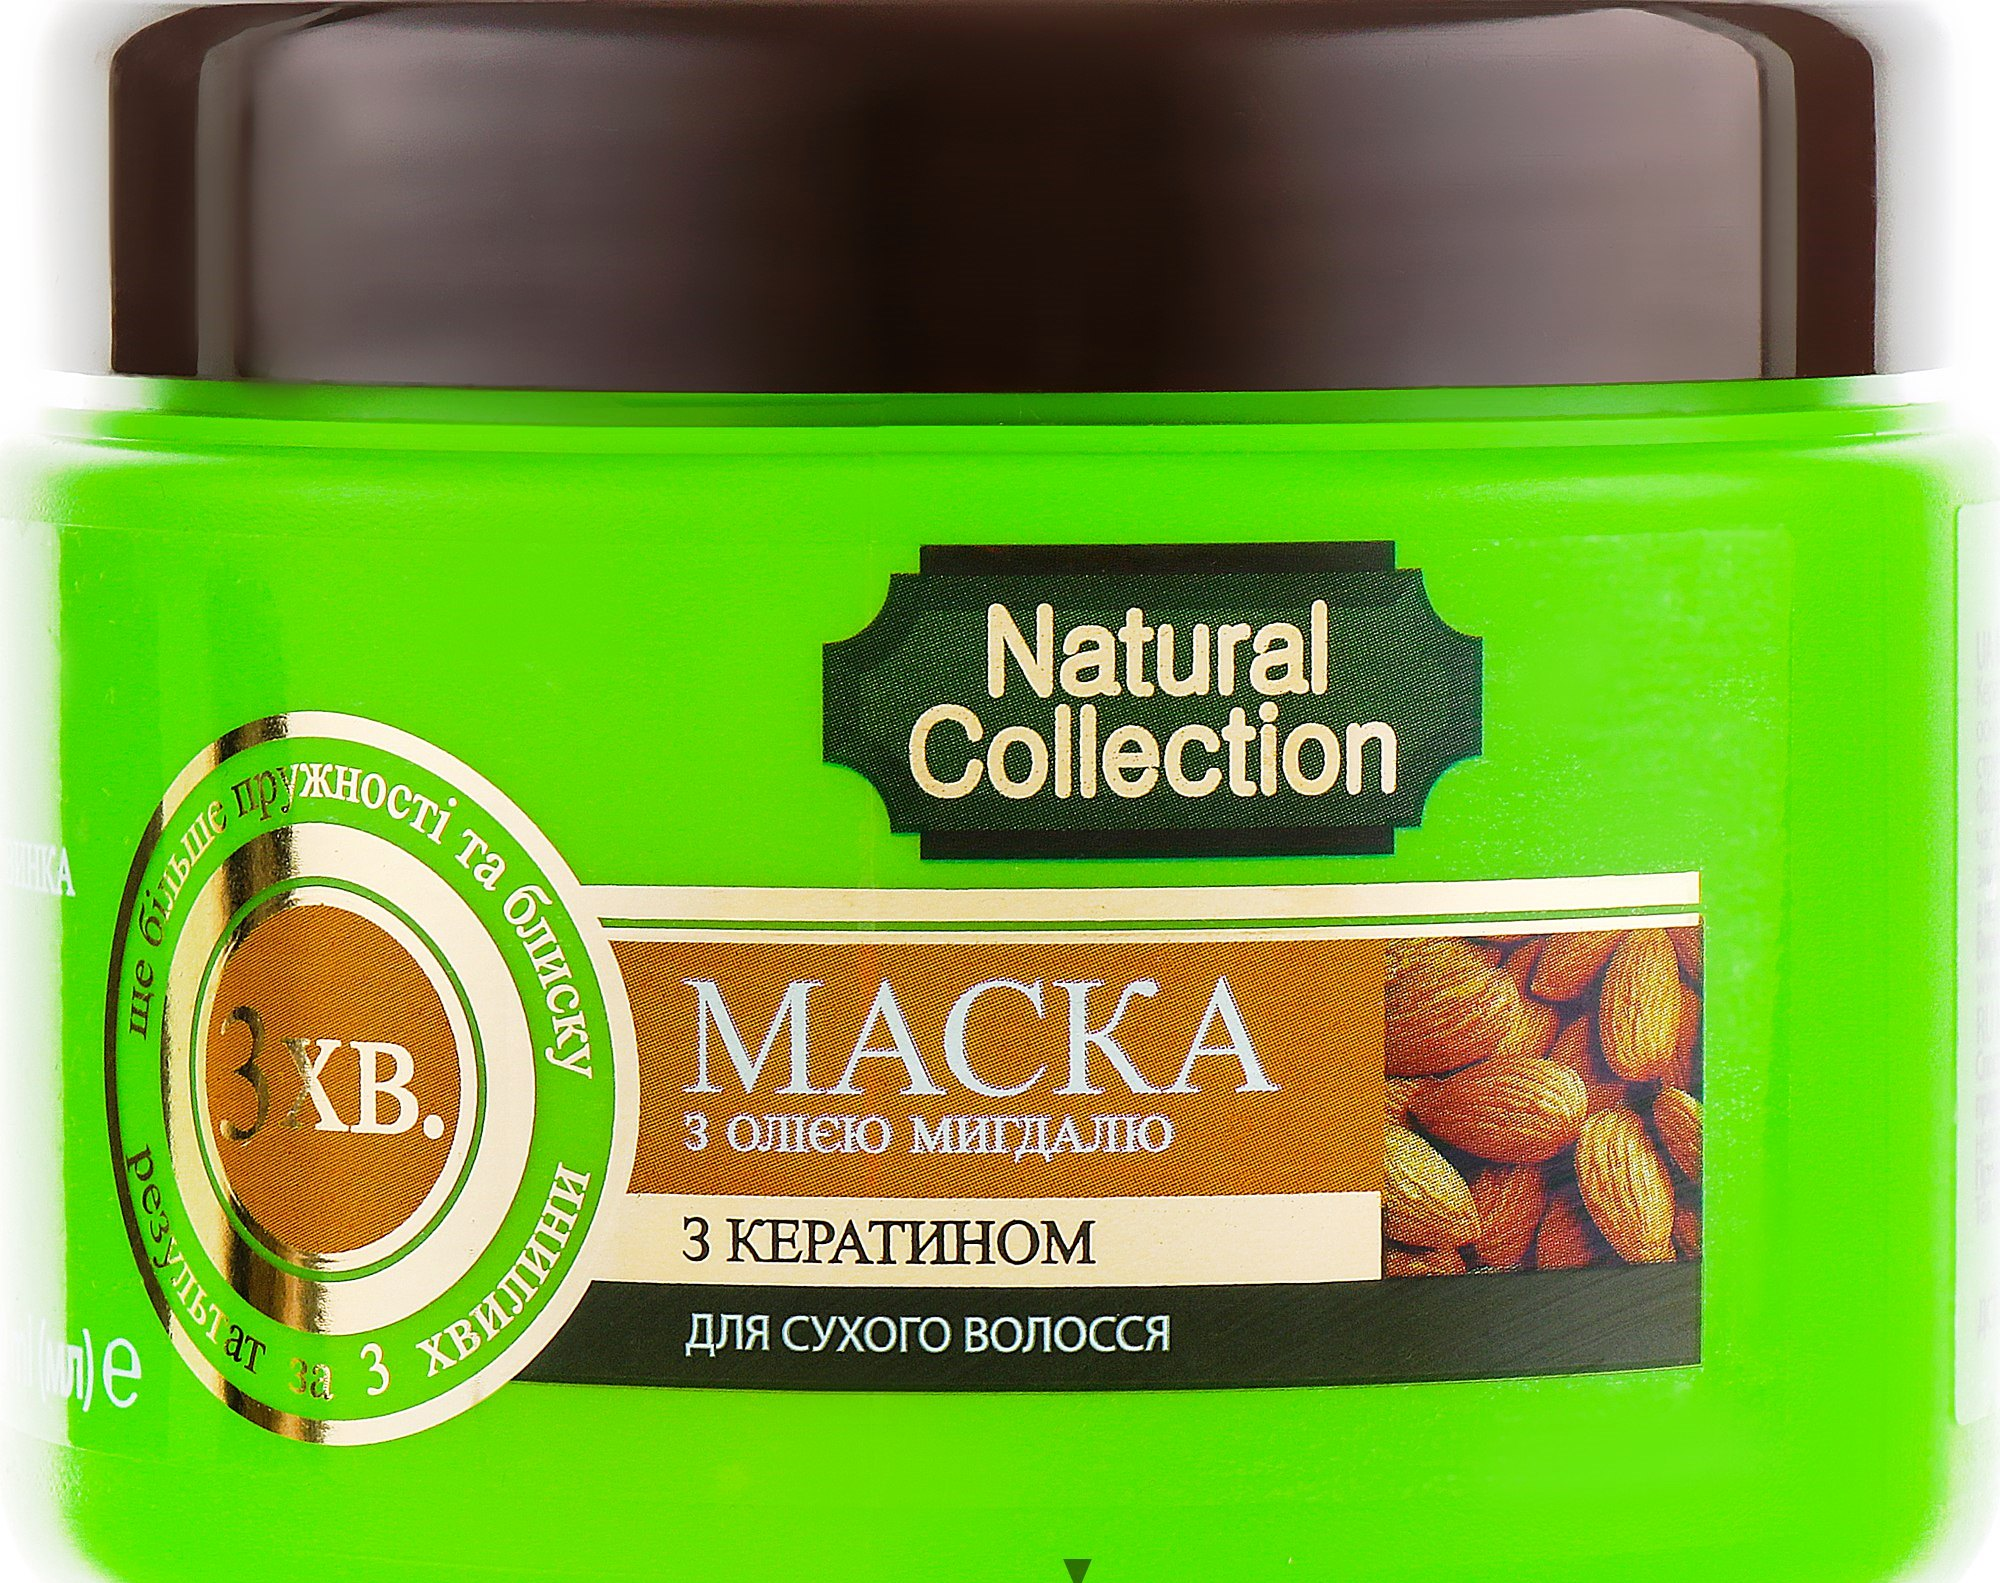 Маска для волос NATURAL COLLECTION с миндальным маслом 500 мл